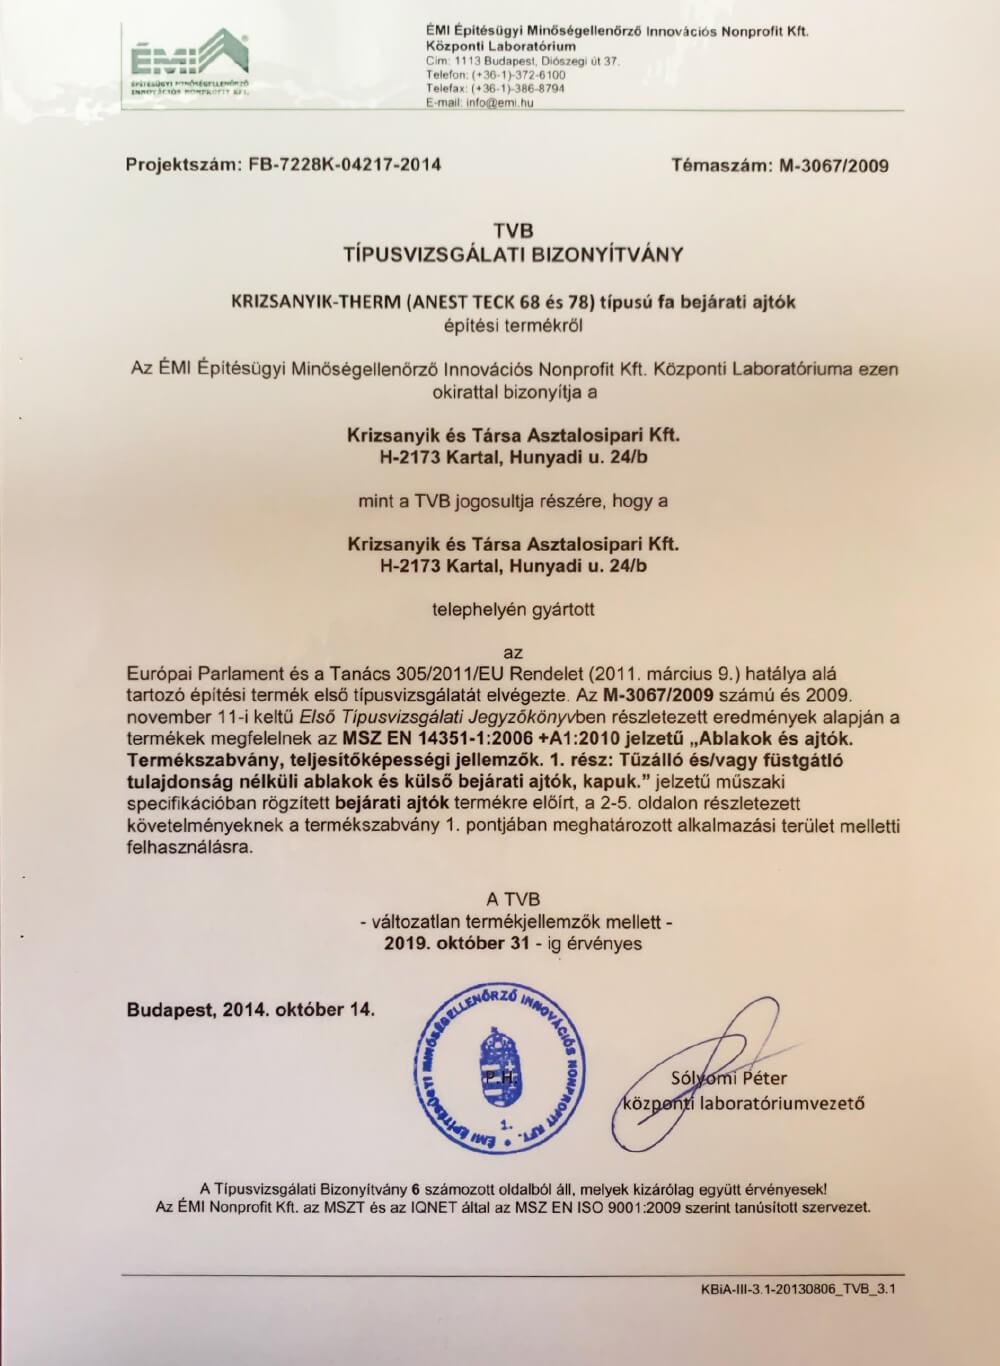 tvb-tipusvizsgalati-bizonyitvany-m-3067